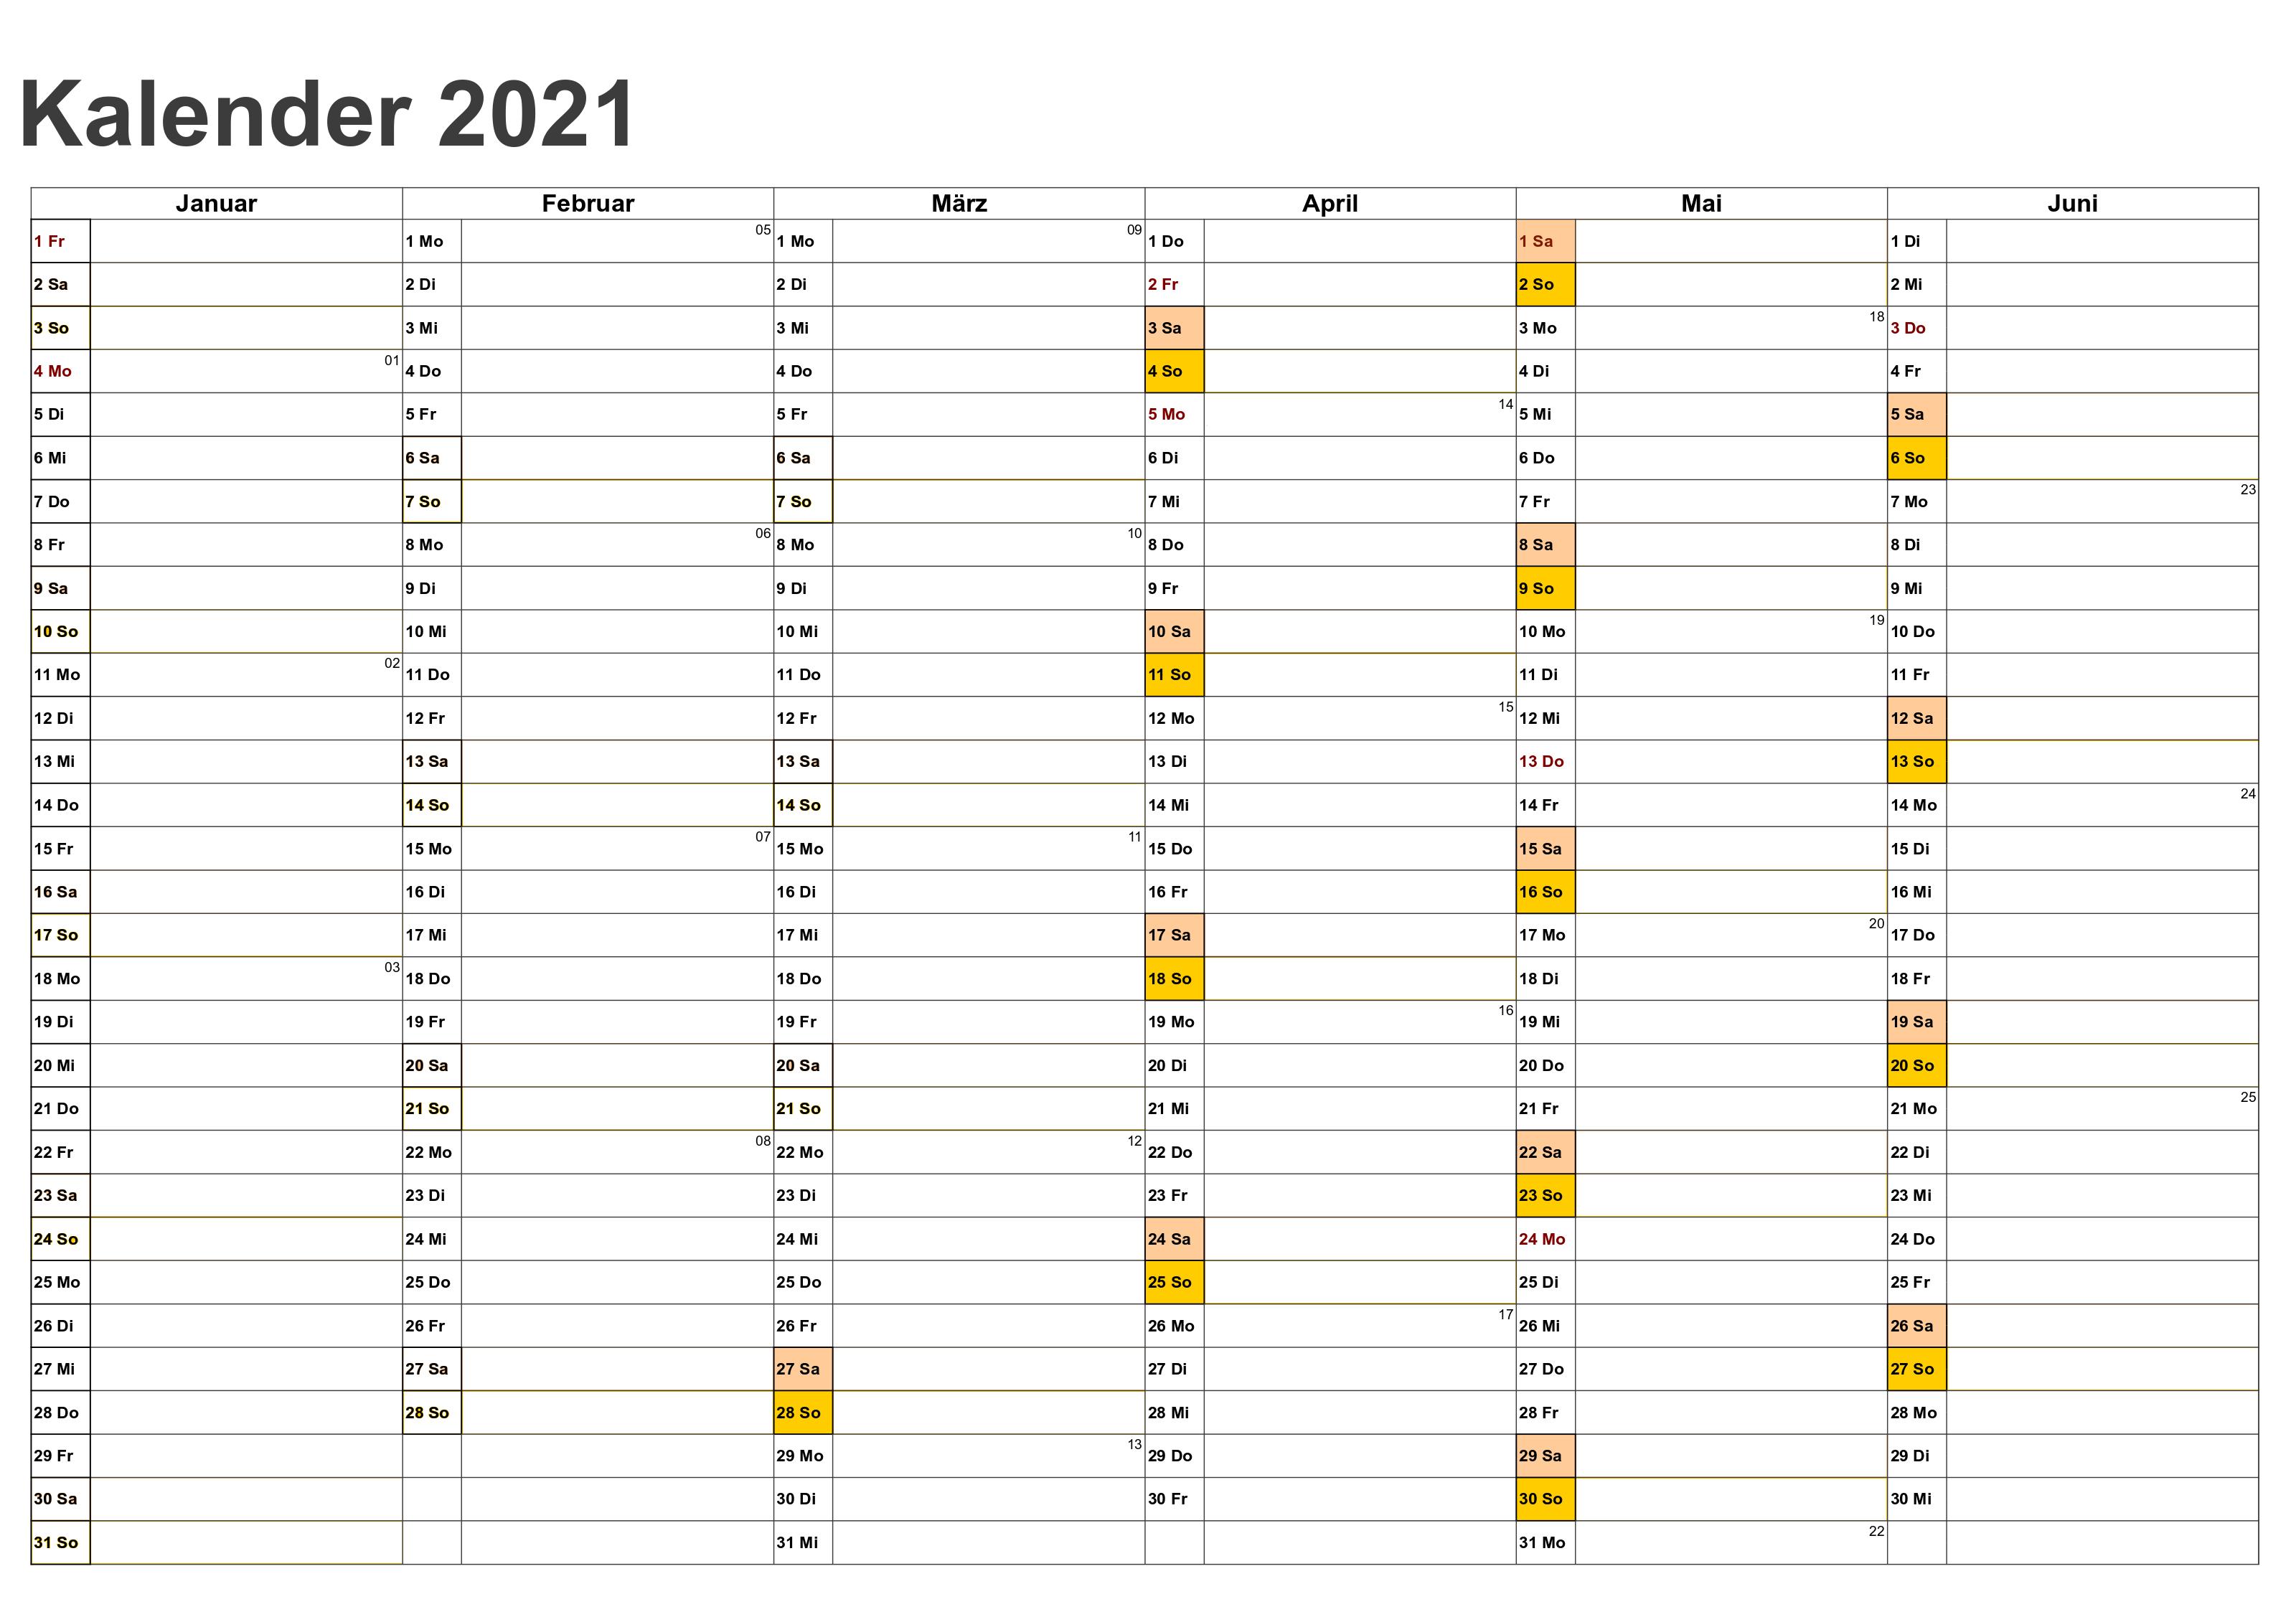 Jahreskalender 2021 BayernMitFerien und Feiertagen